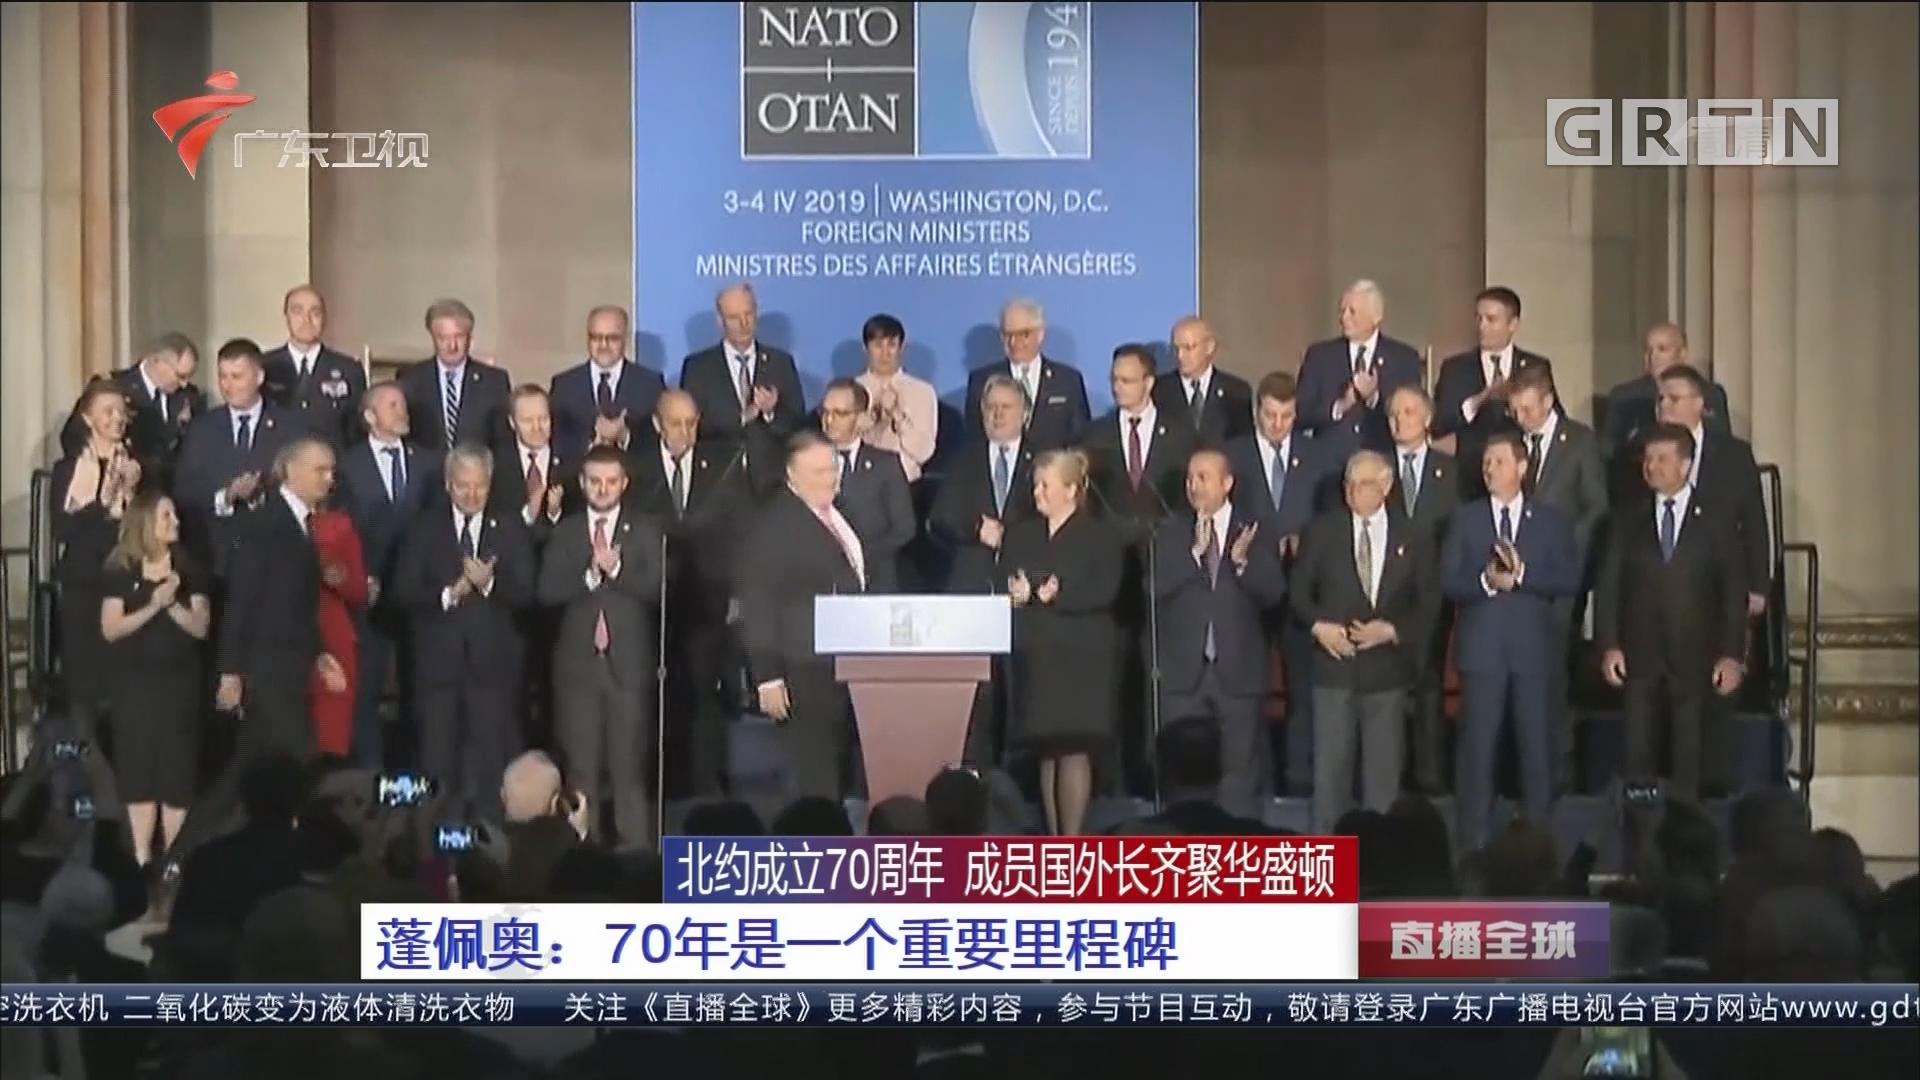 北约成立70周年 成员国外长齐聚华盛顿 蓬佩奥:70年是一个重要里程碑